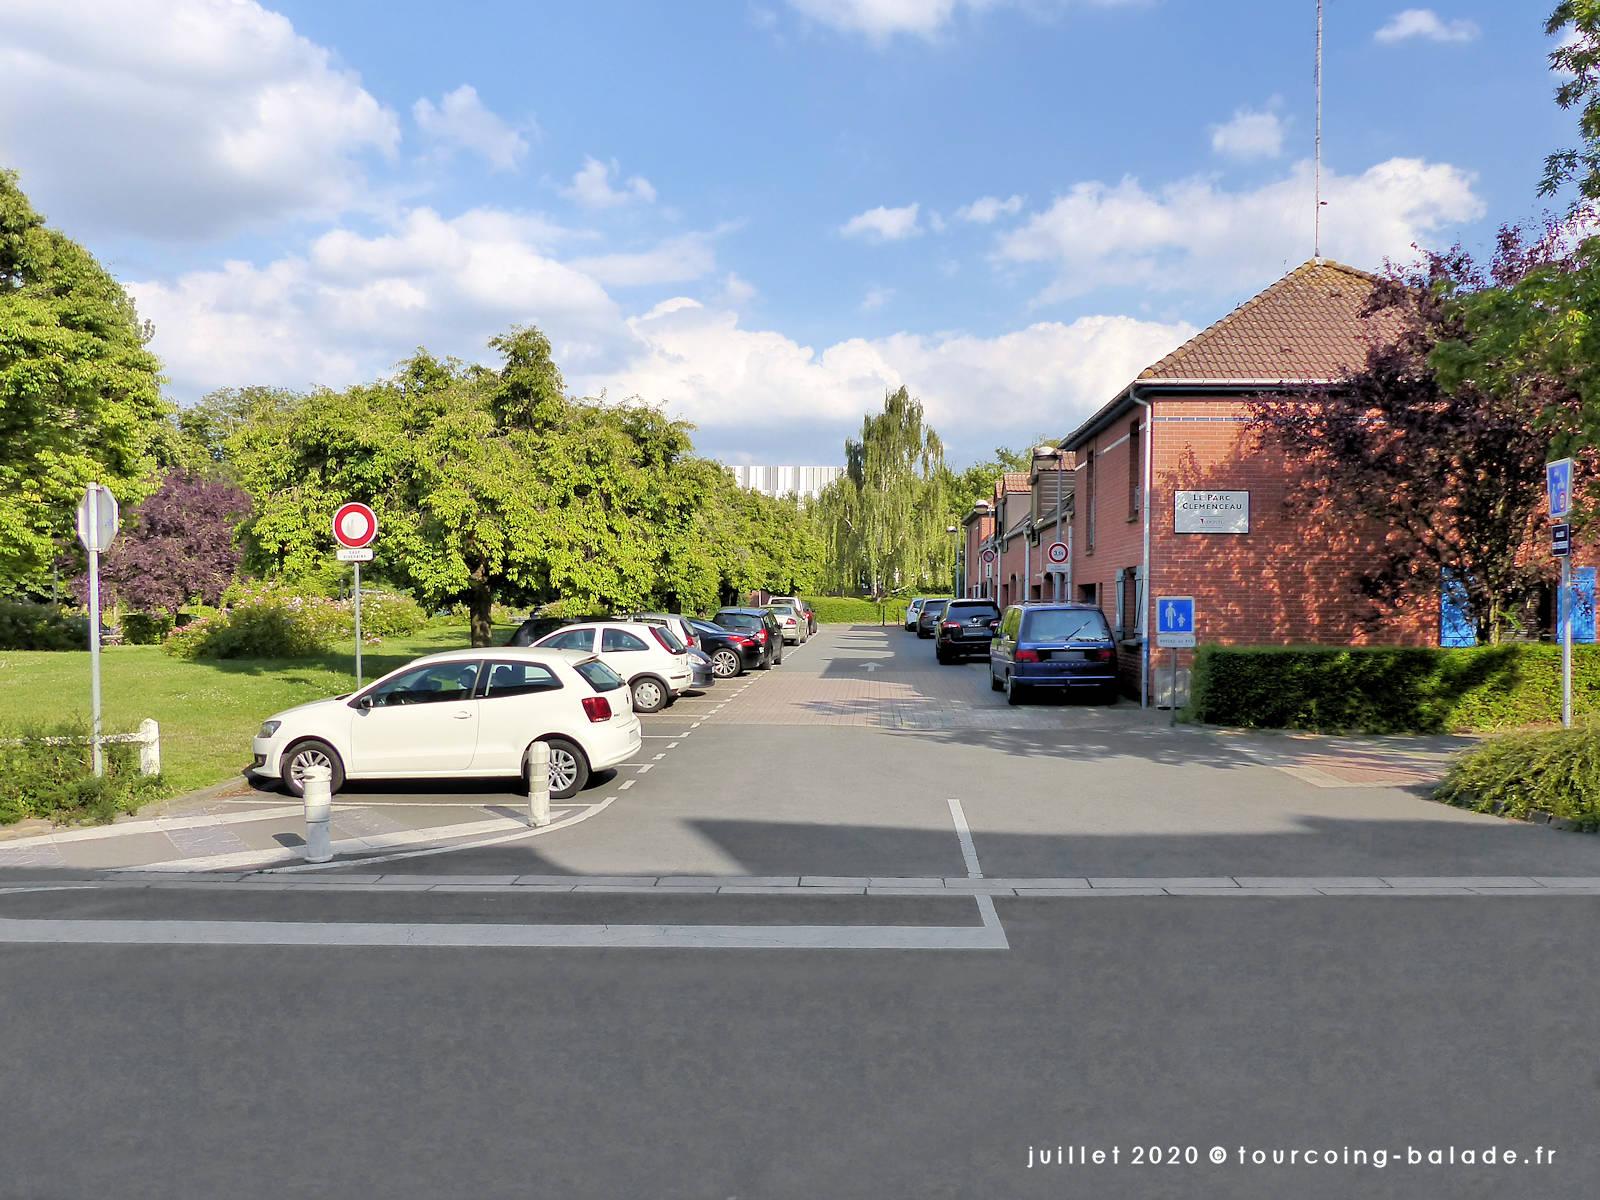 Allée des Cerisiers et rue du Moulin, Tourcoing 2020